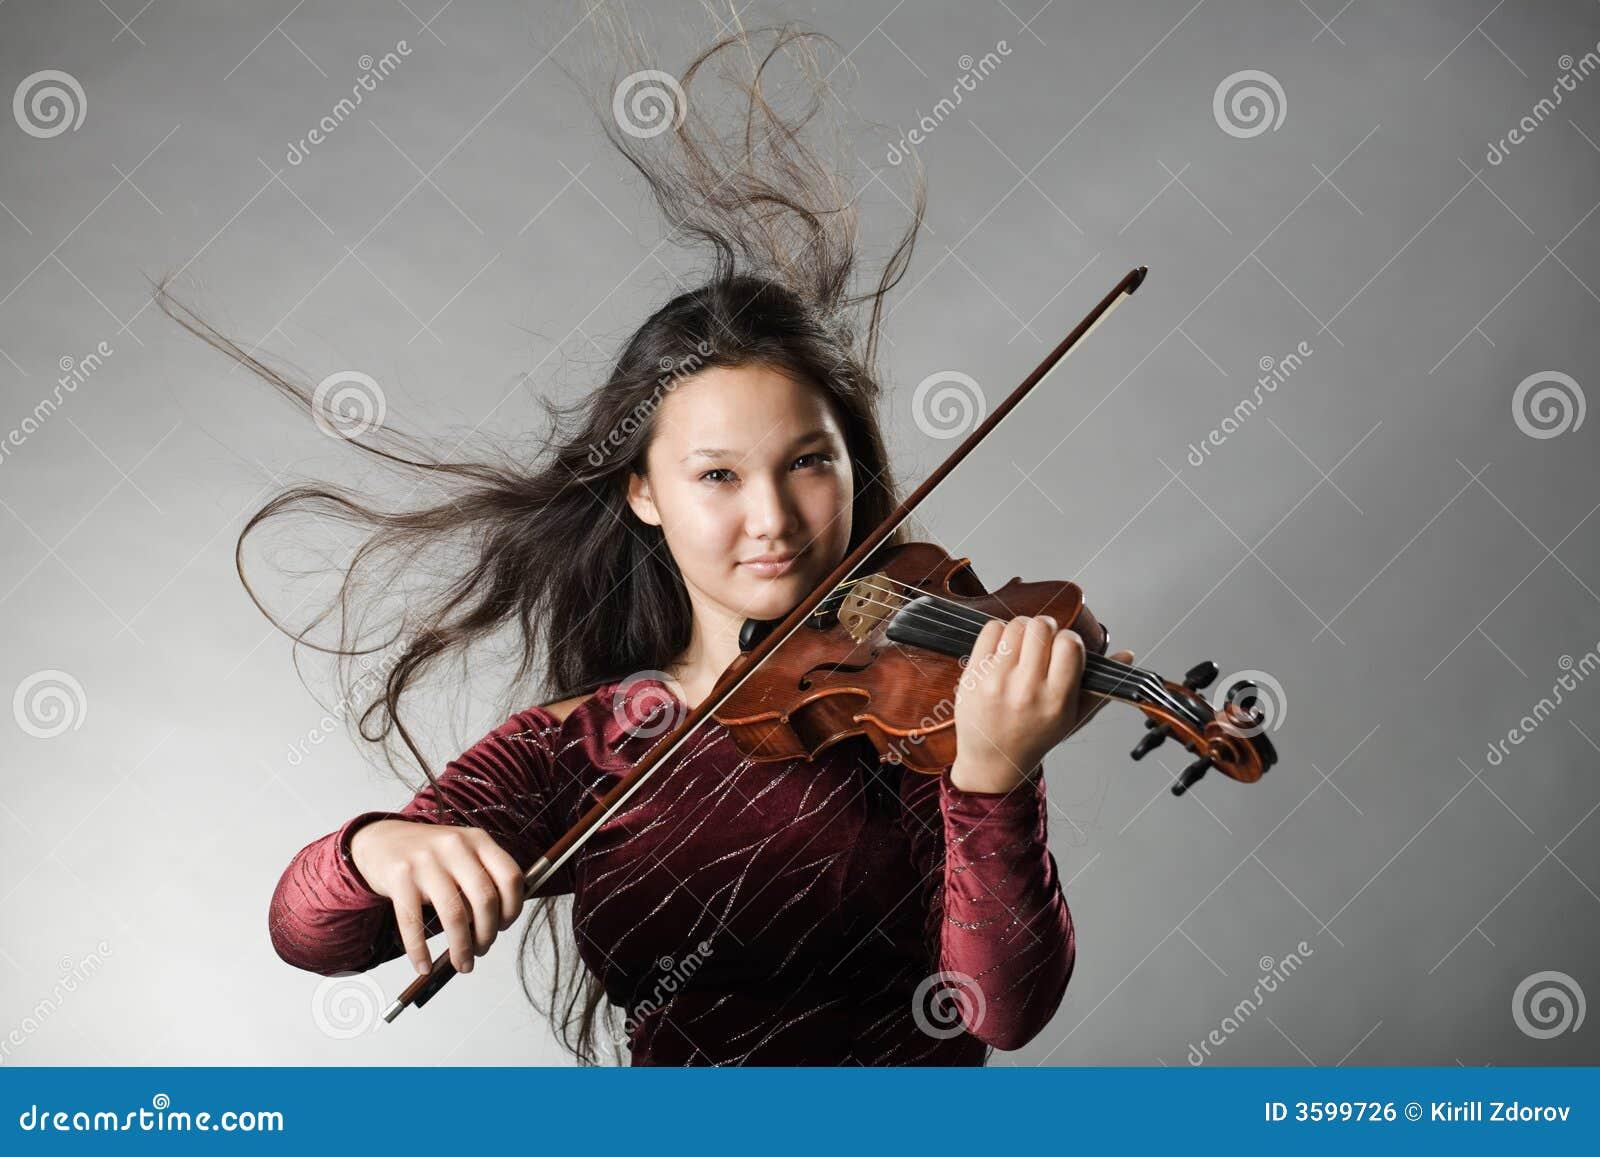 Violon plaing de fille